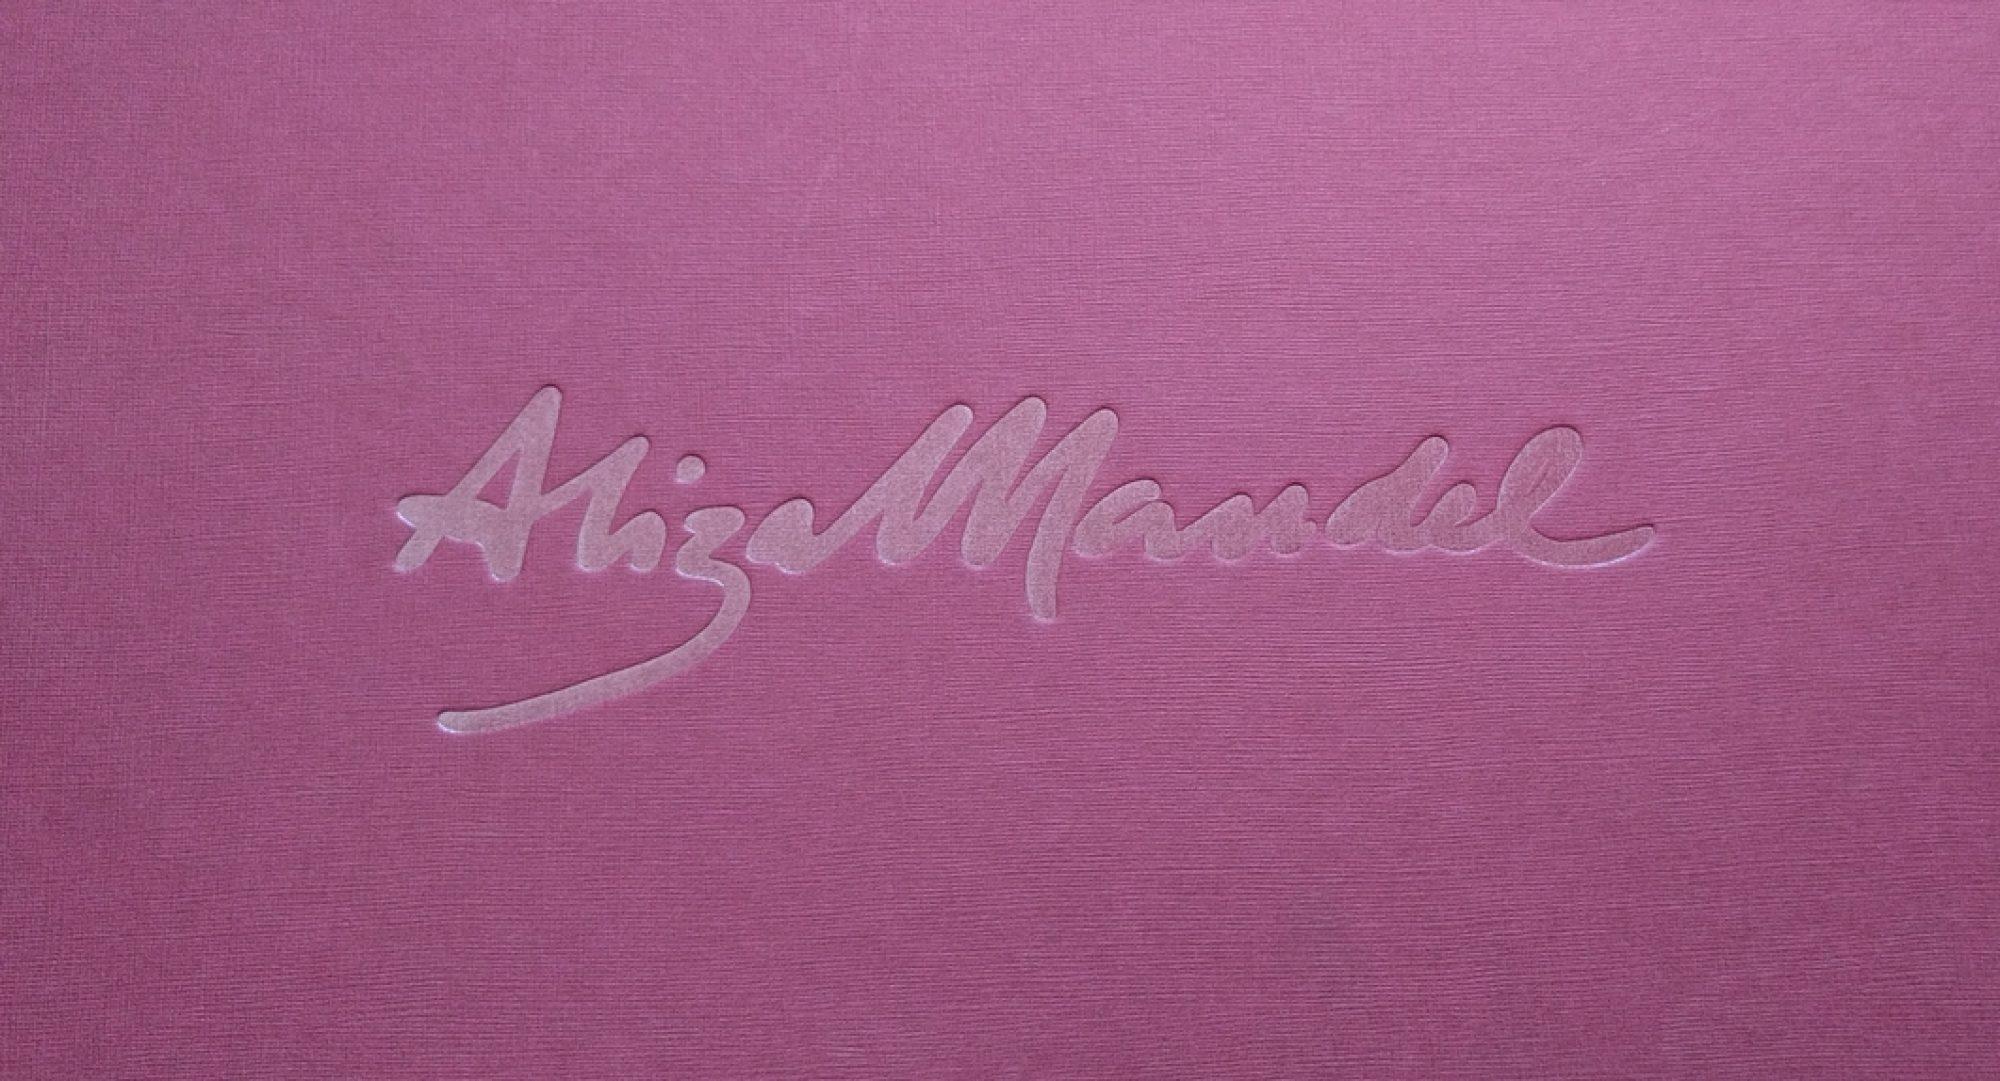 Aliza Mandel 1927-2007